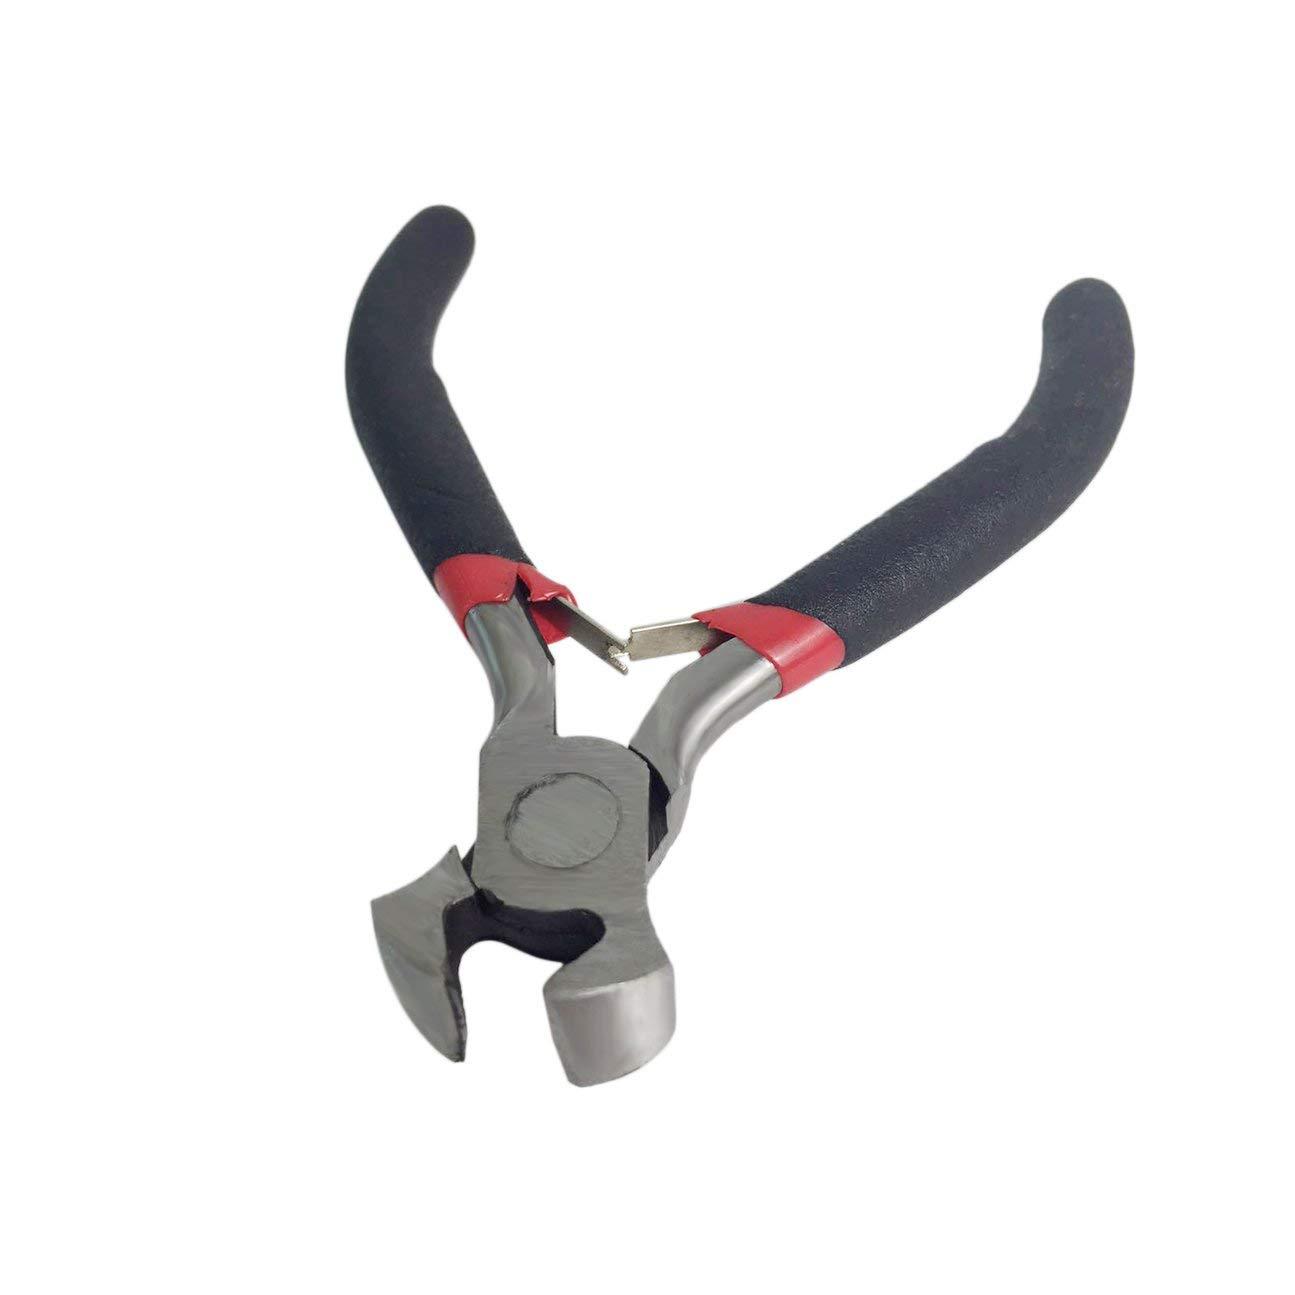 5pcs mini bricolage fabrication de bijoux pinces ensemble en acier au carbone et PVC perles per/çage du fil rond long courb/é mini pince outil de coupe kit noir